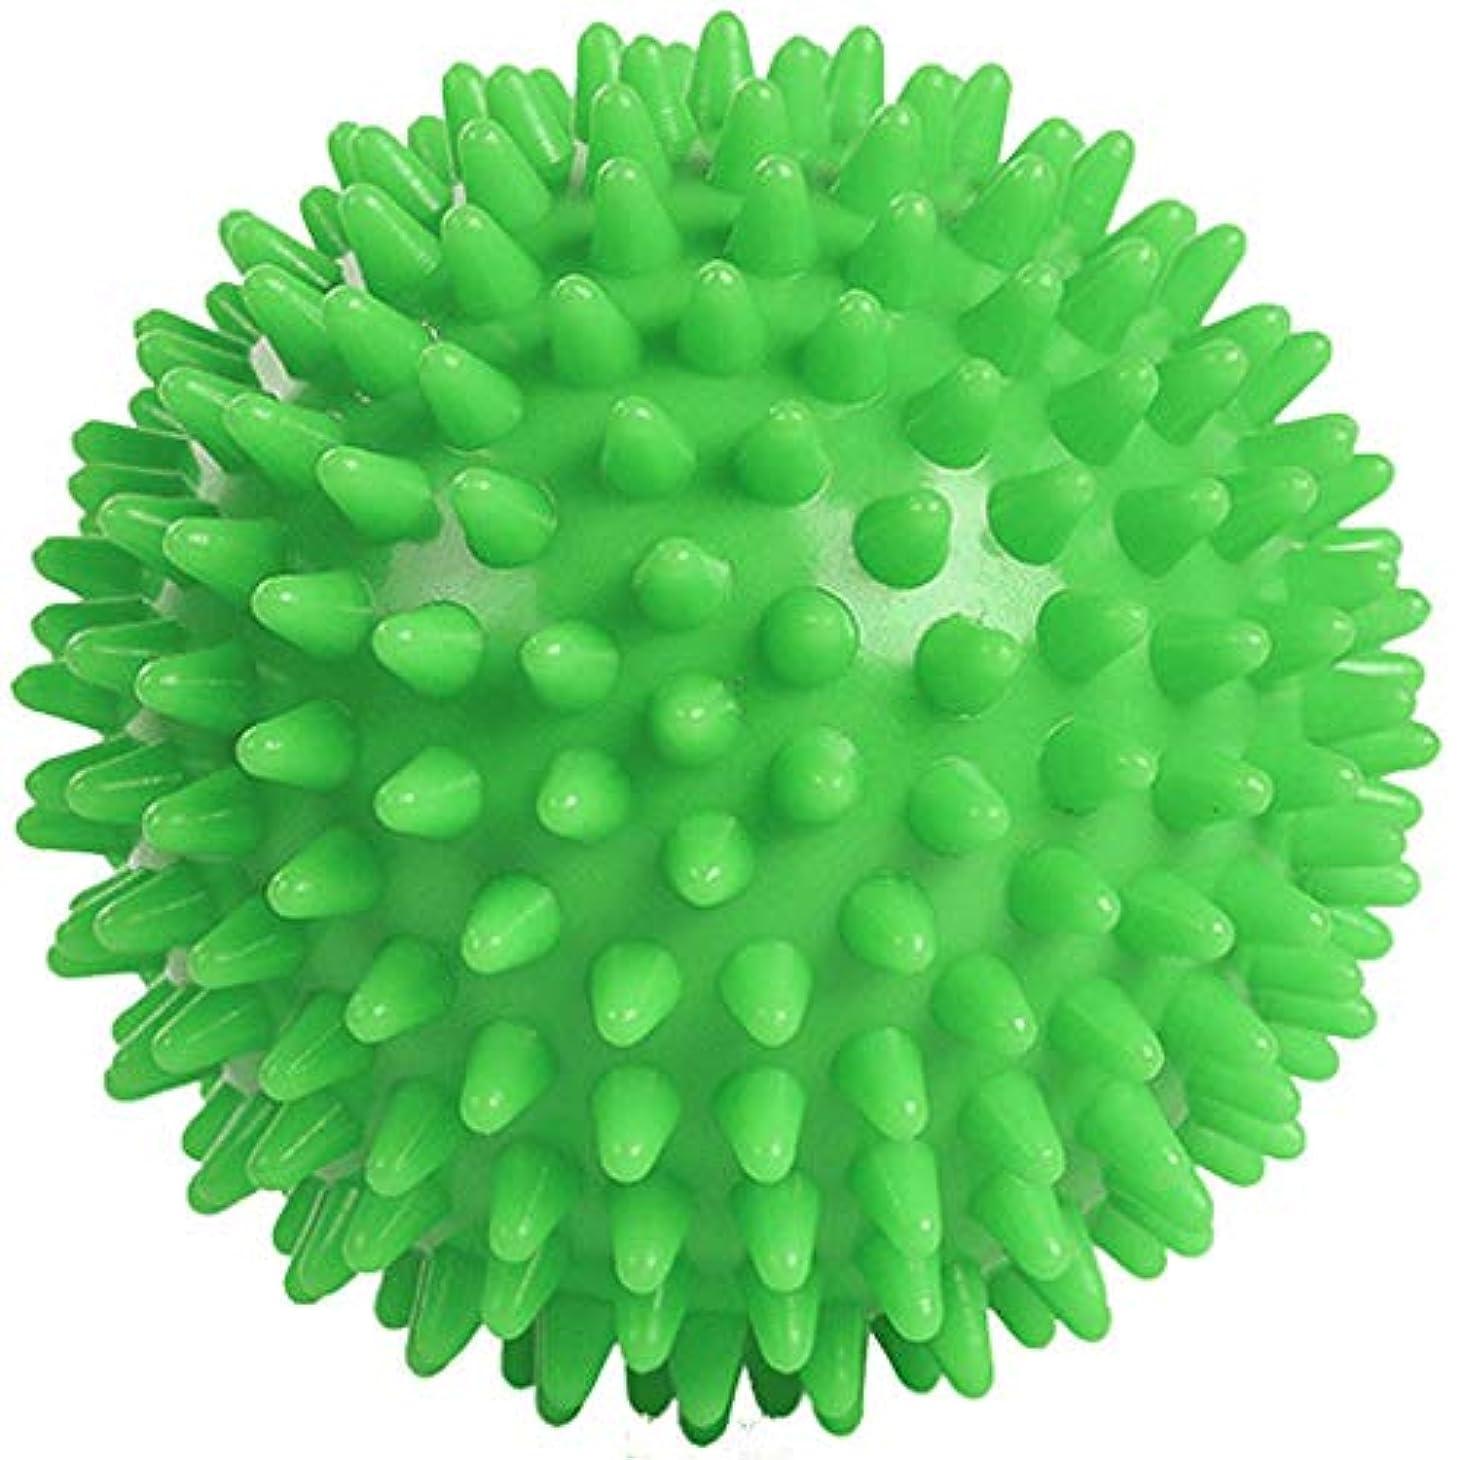 閲覧する先行する診断するArichops リフレックスボール 触覚ボール 足裏手 背中のマッサージボール リハビリ マッサージ用 血液循環促進 筋肉緊張 圧迫で解きほぐす 【正規品】